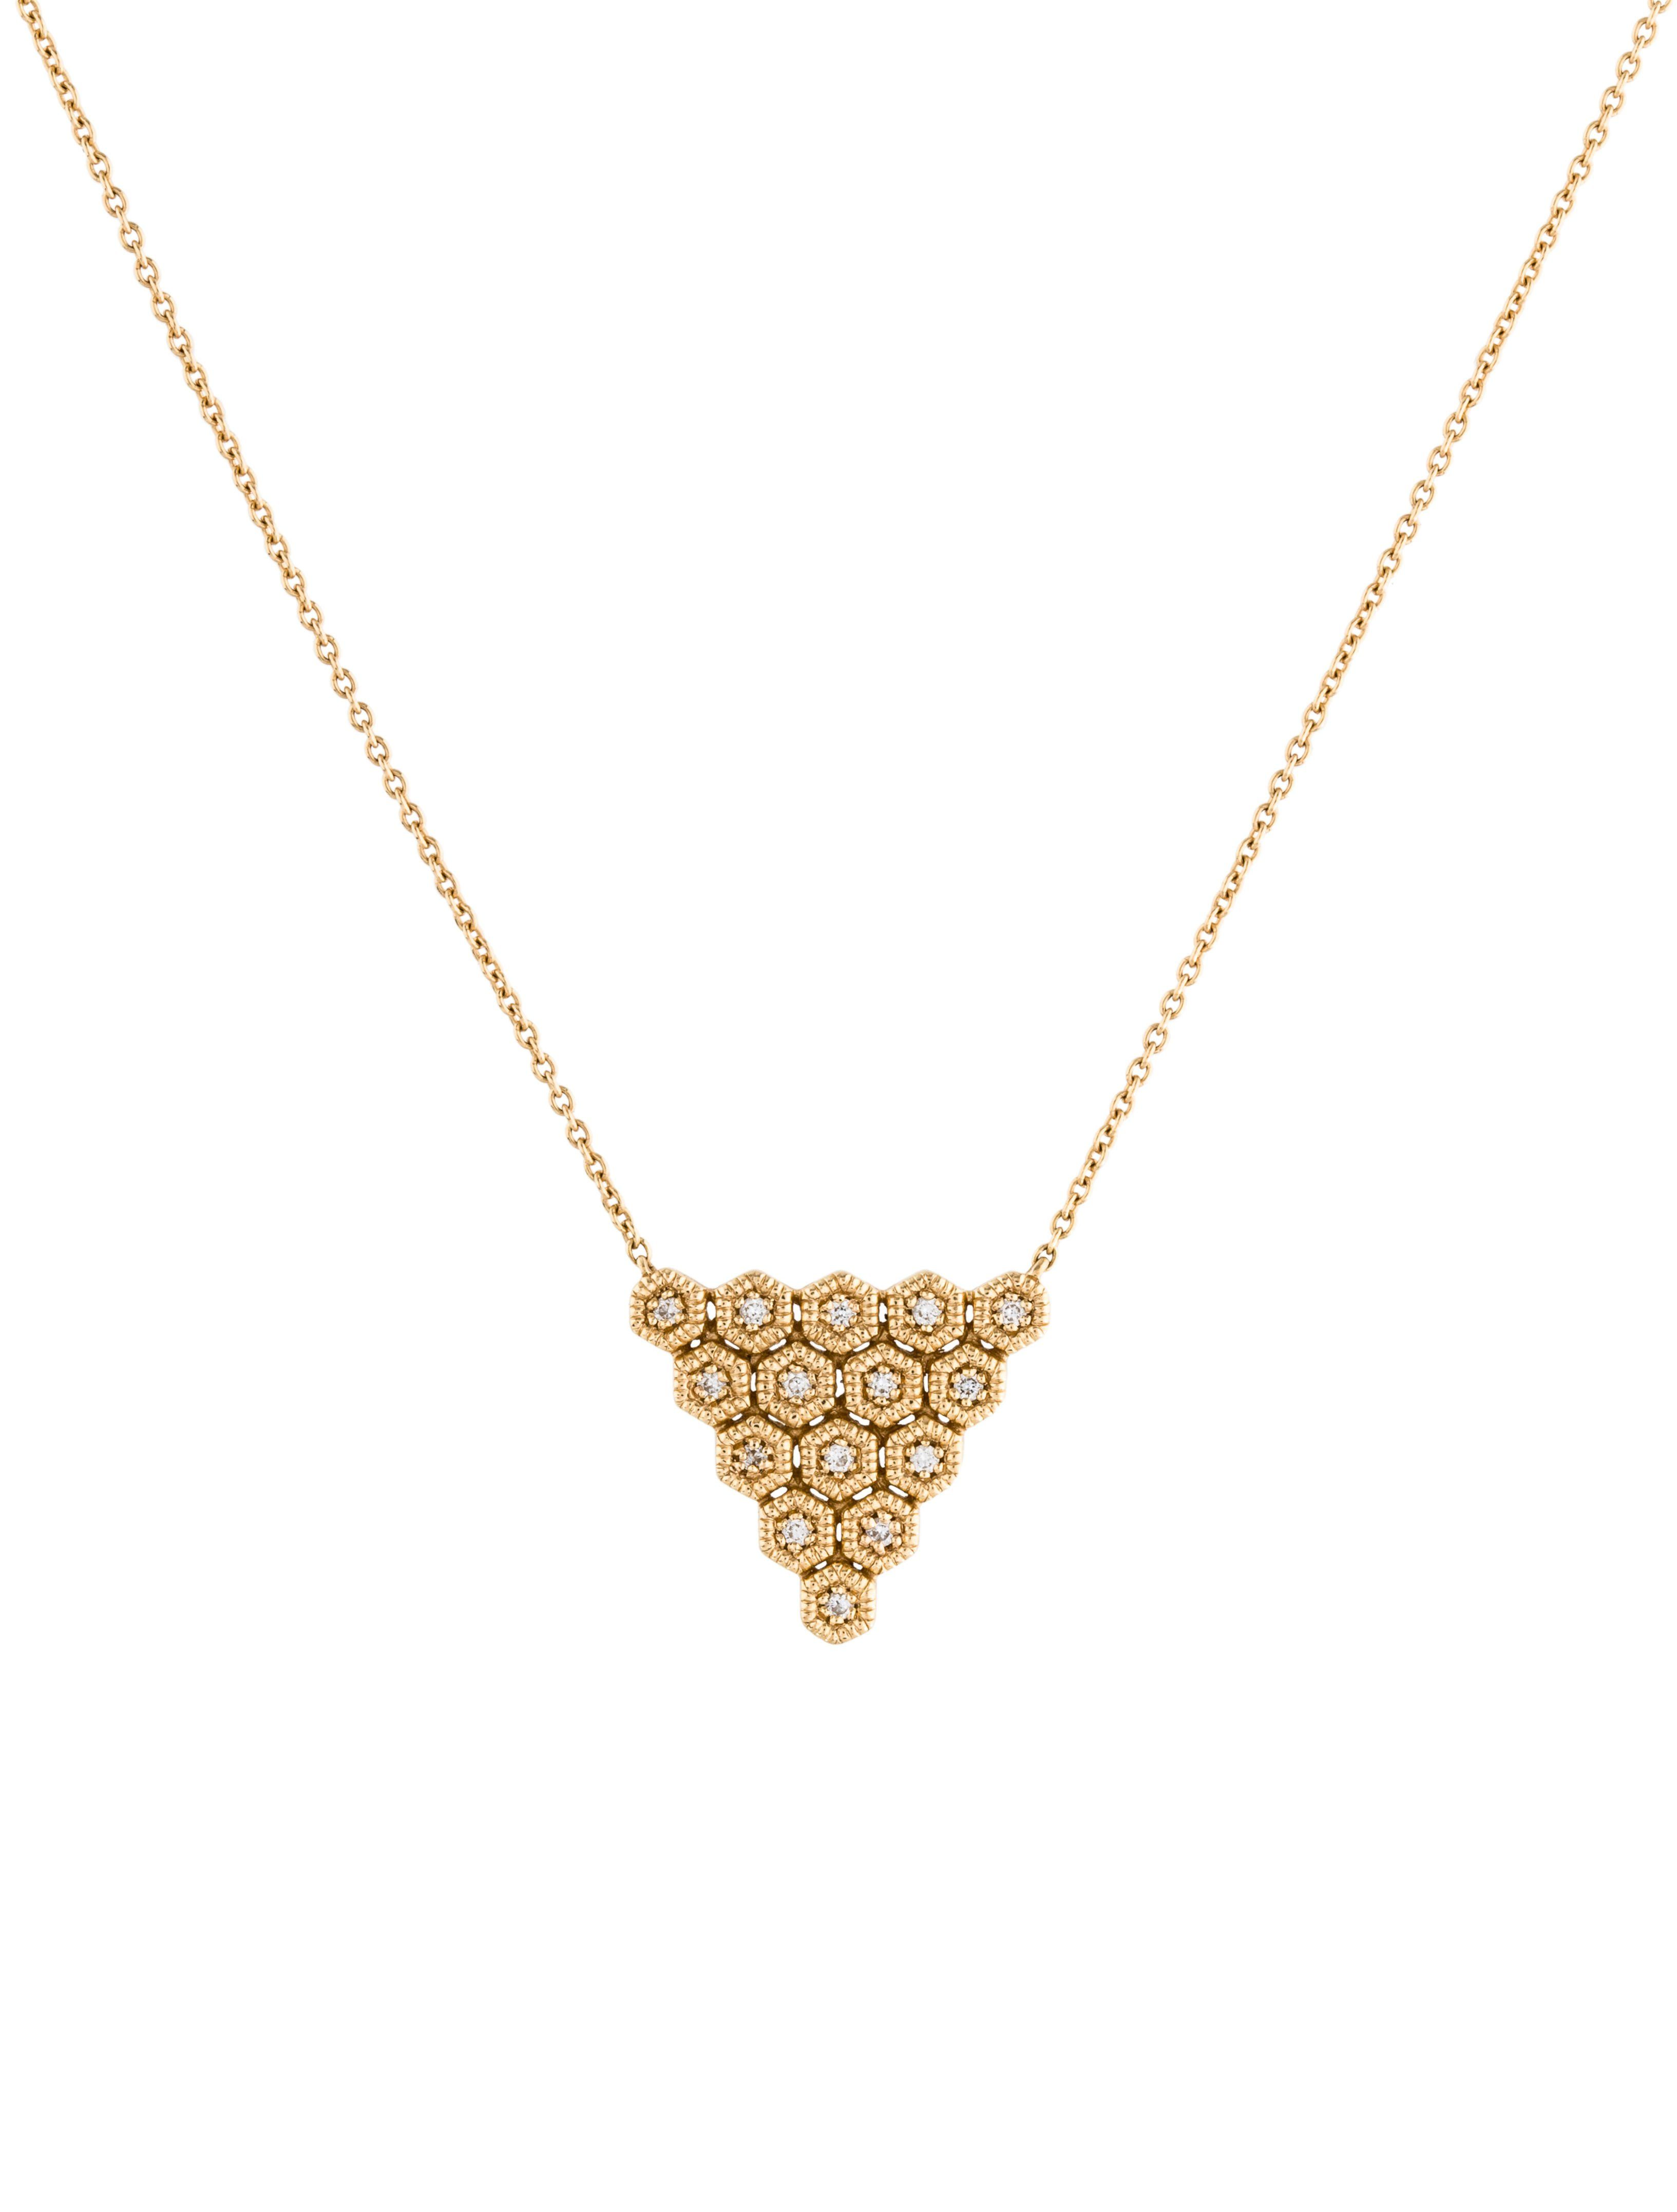 Dana rebecca designs k diamond triangle pendant necklace fashion